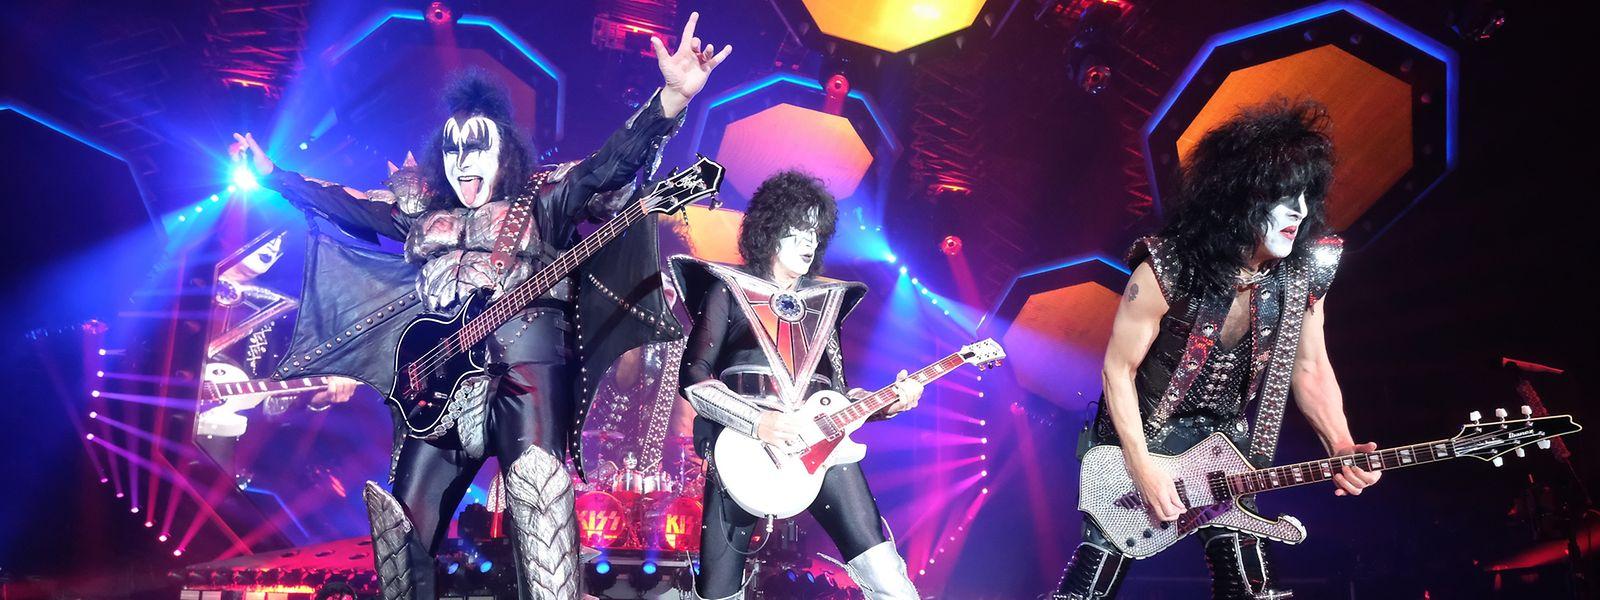 """Die Musiker Gene Simmons (l-r), Thommy Thayer und Paul Stanley von der Band """"Kiss"""" treten in der Arena Leipzig auf. Das Konzert ist Auftakt der Deutschland- Tour """"End of the Road""""."""